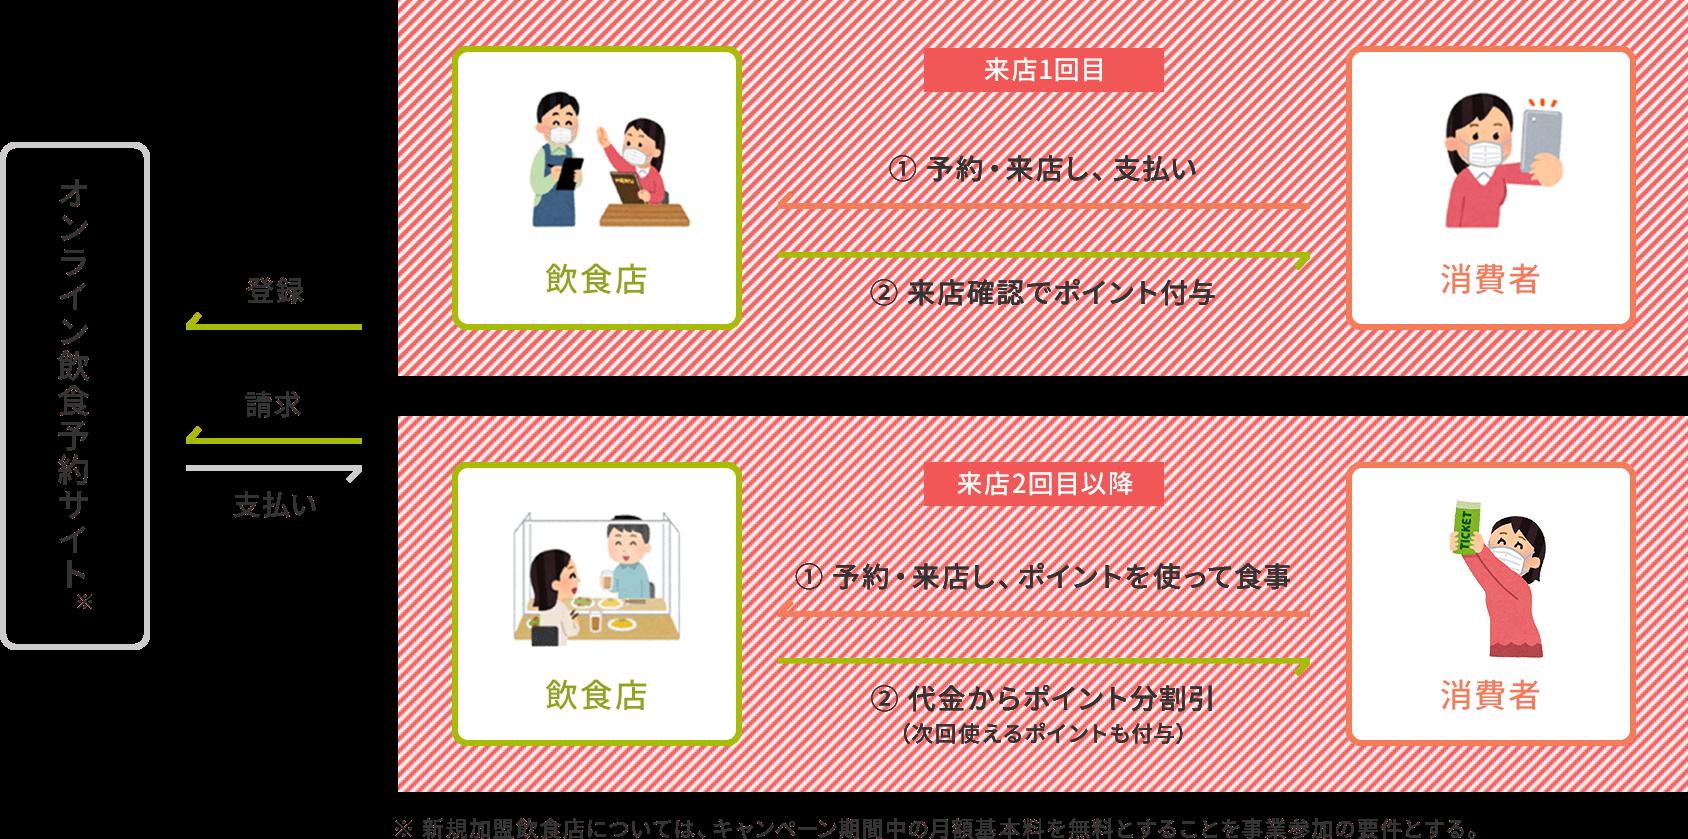 オンライン飲食予約の利用によるポイント付与の利用イメージ